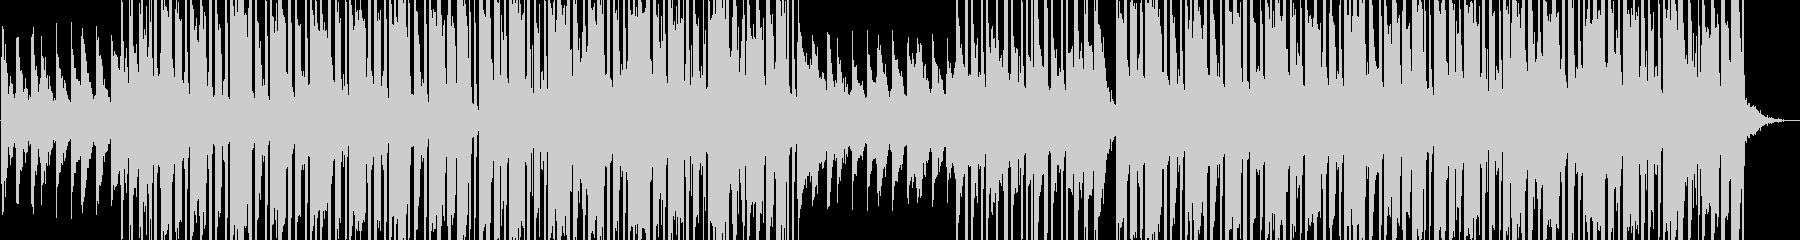 スタイリッシュなヒップホップの背景の未再生の波形